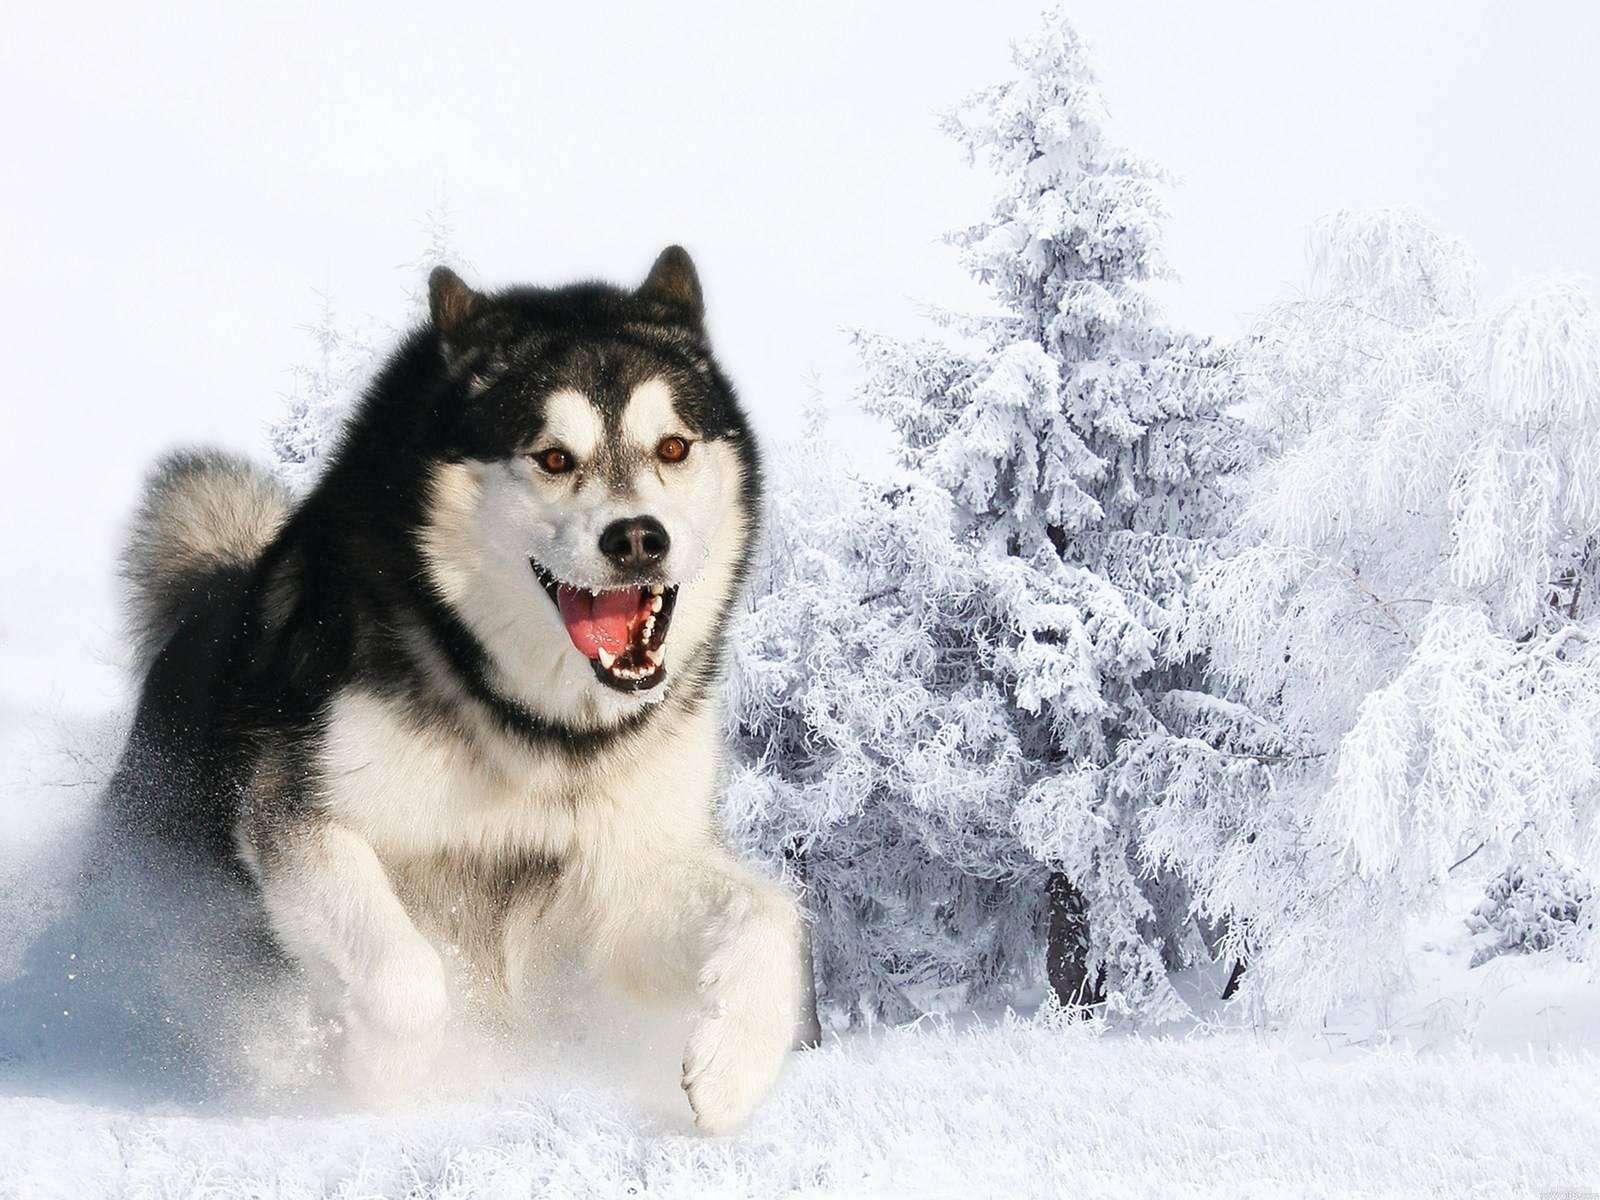 природа животное собака морда хаски  № 3886594 бесплатно